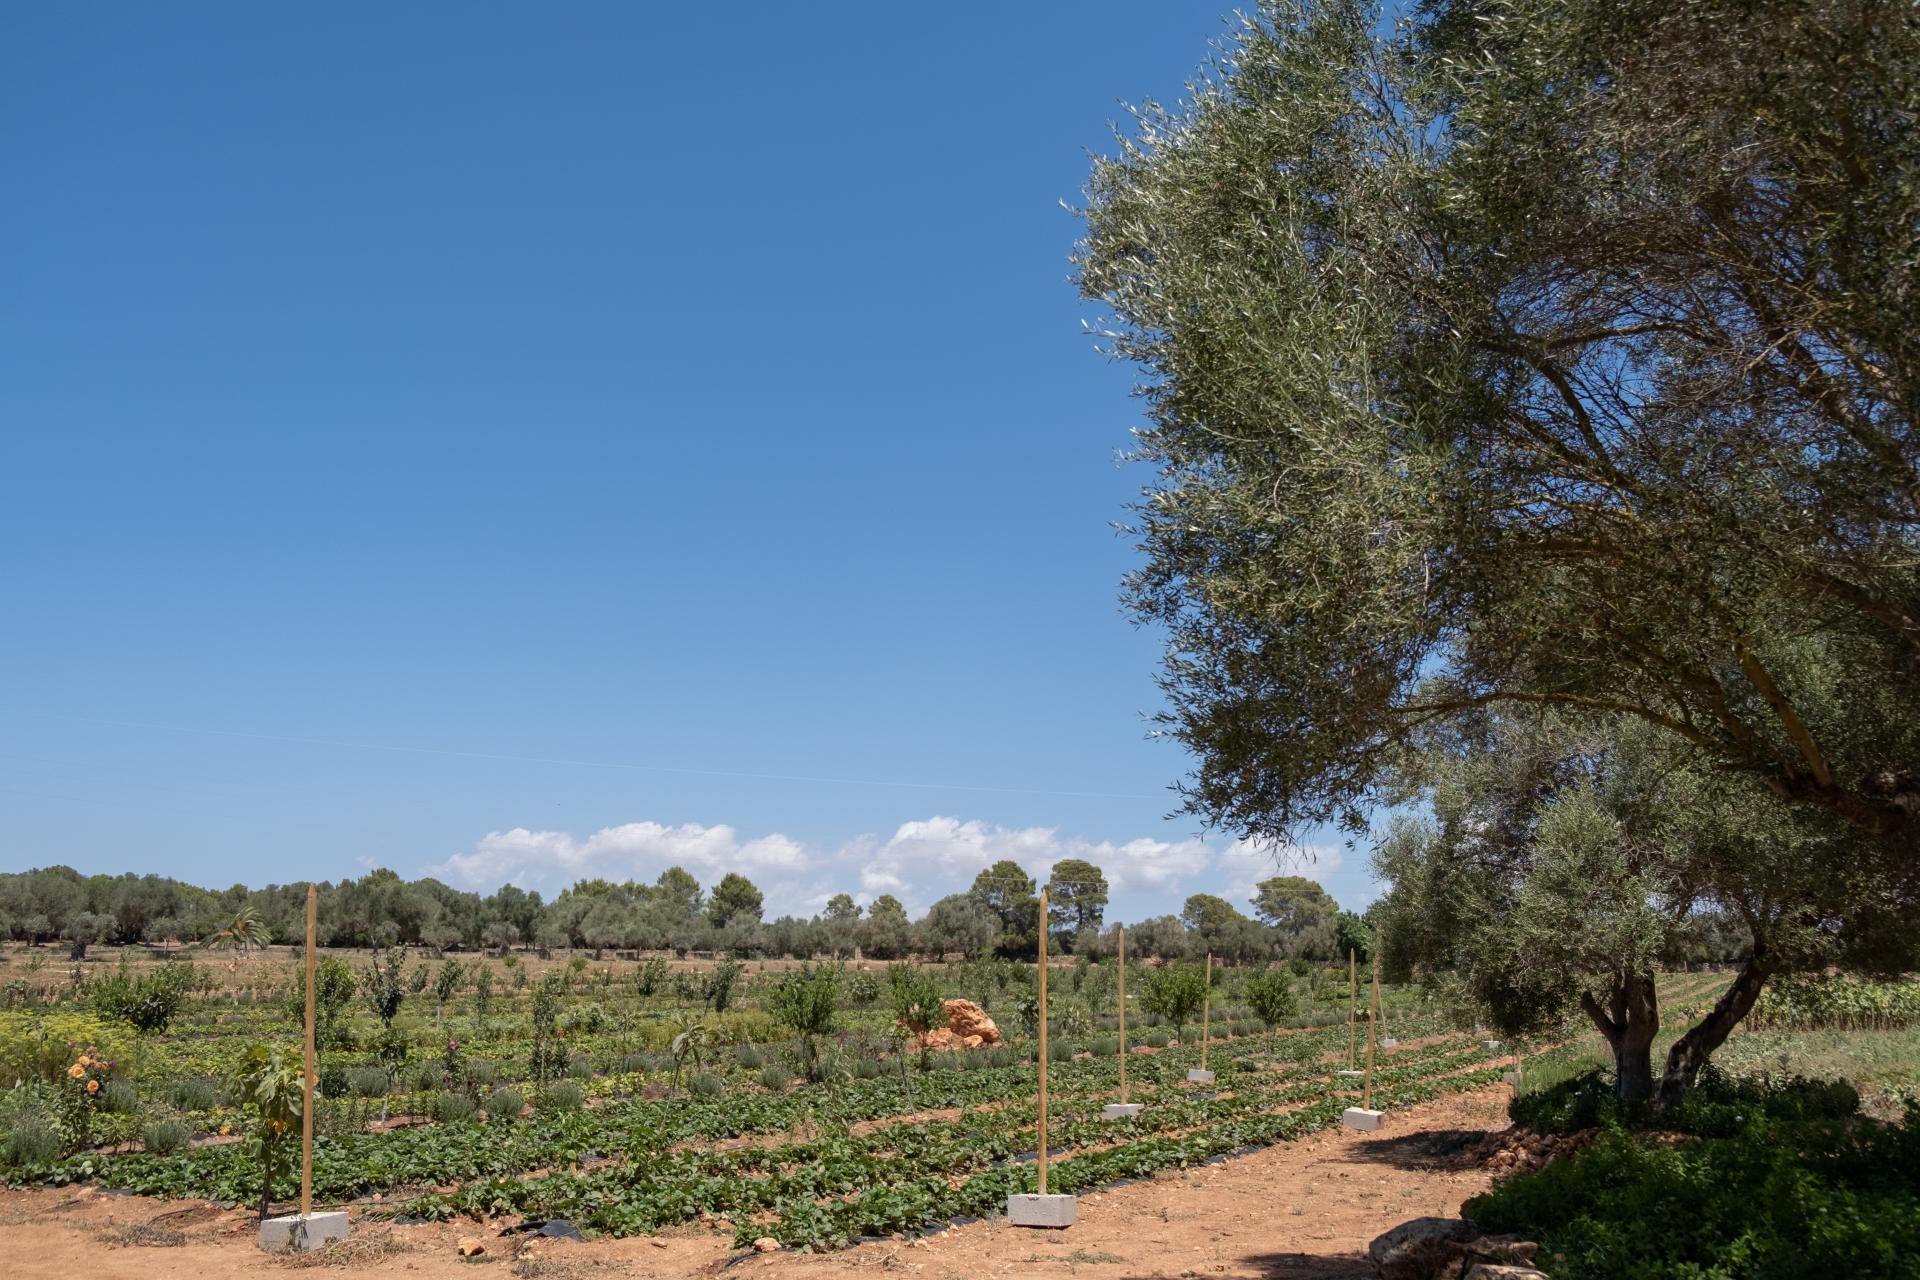 The Fresopolis gardens